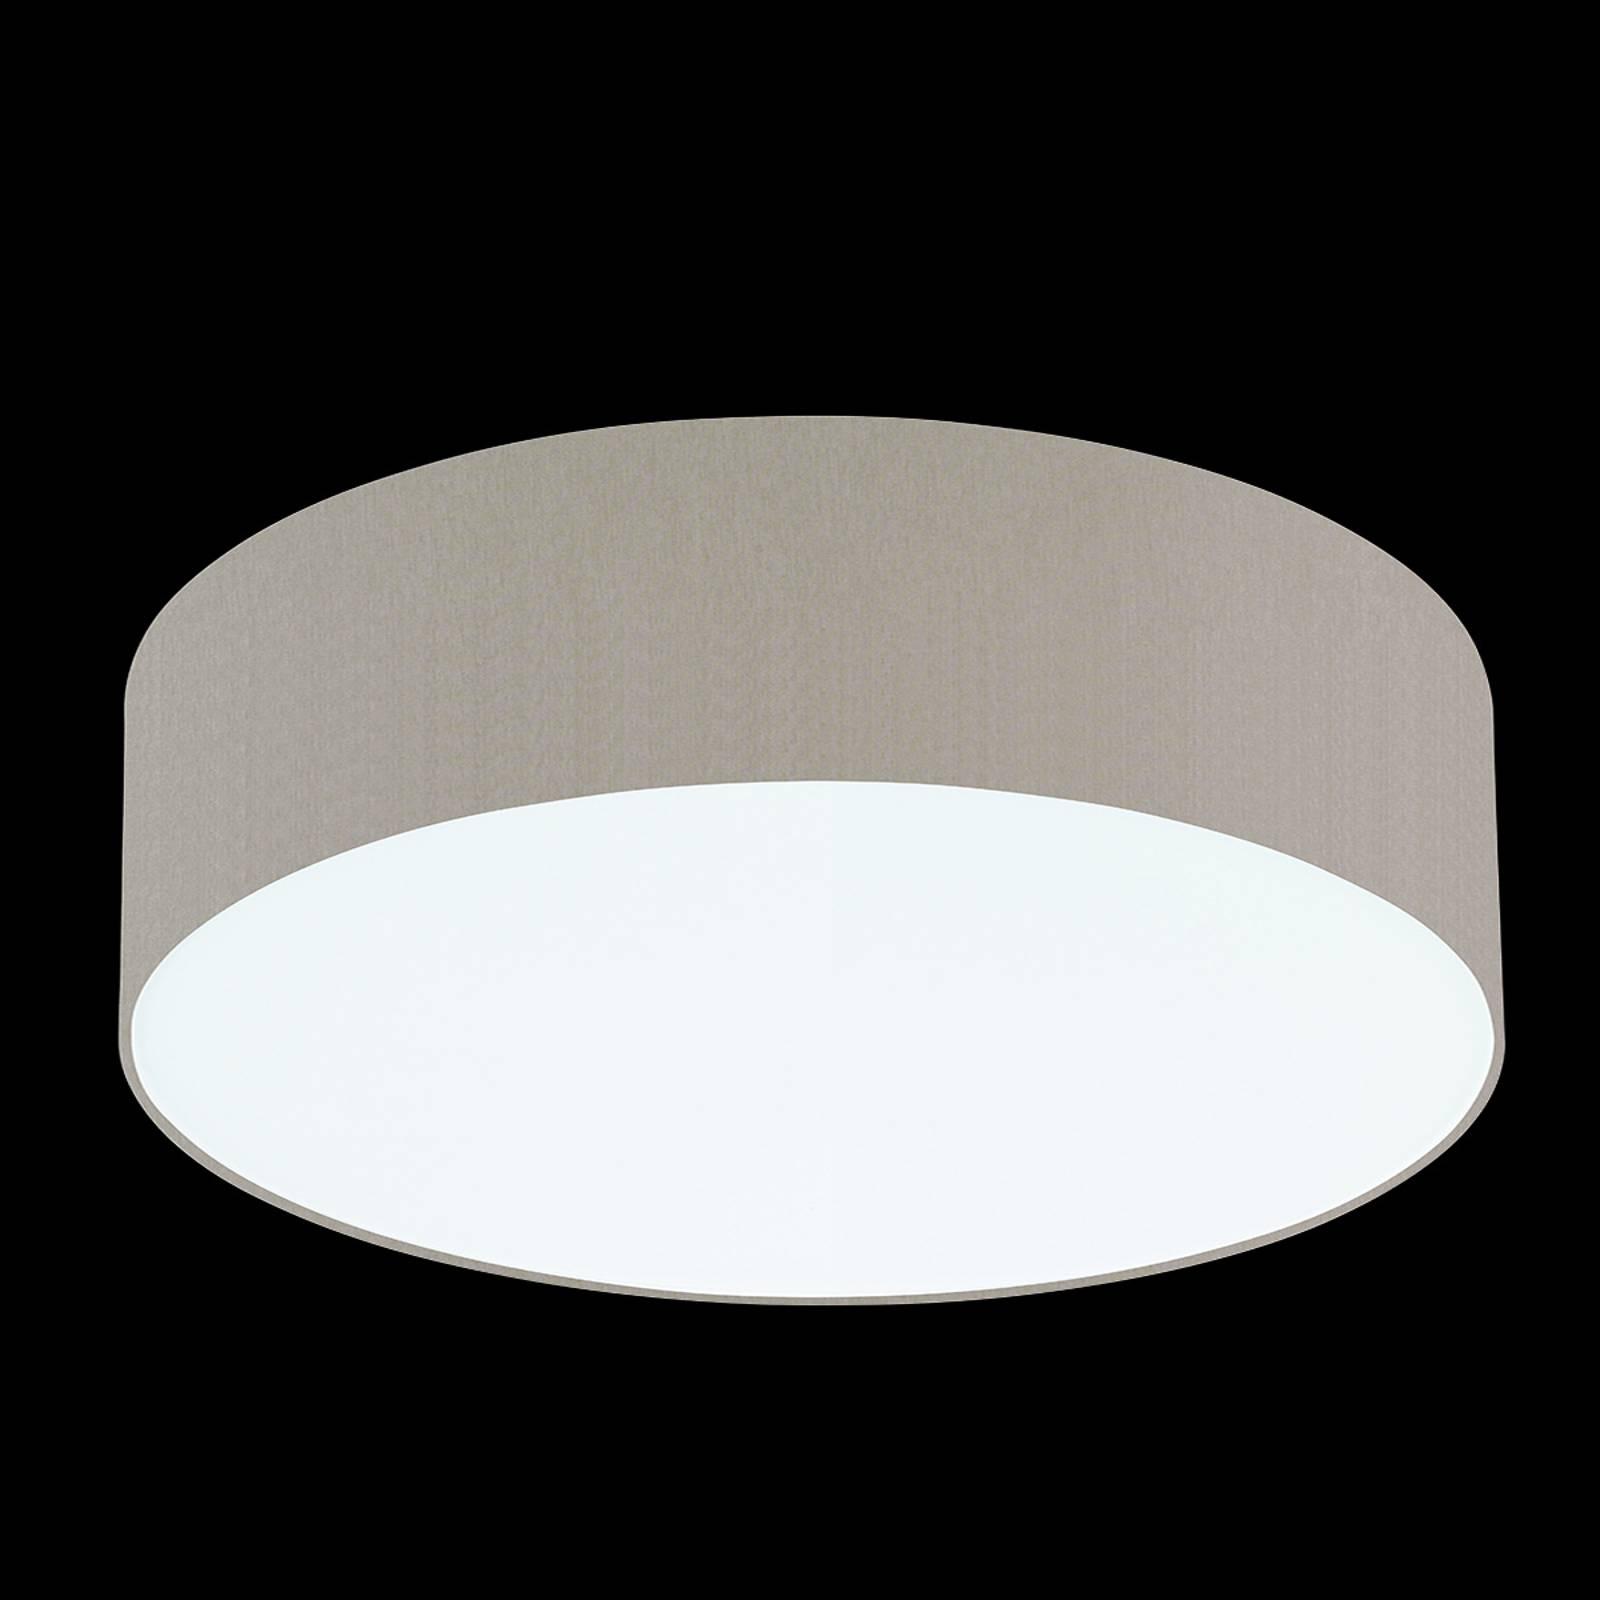 deckenlampen von hufnagel und andere lampen f r wohnzimmer online kaufen bei m bel garten. Black Bedroom Furniture Sets. Home Design Ideas